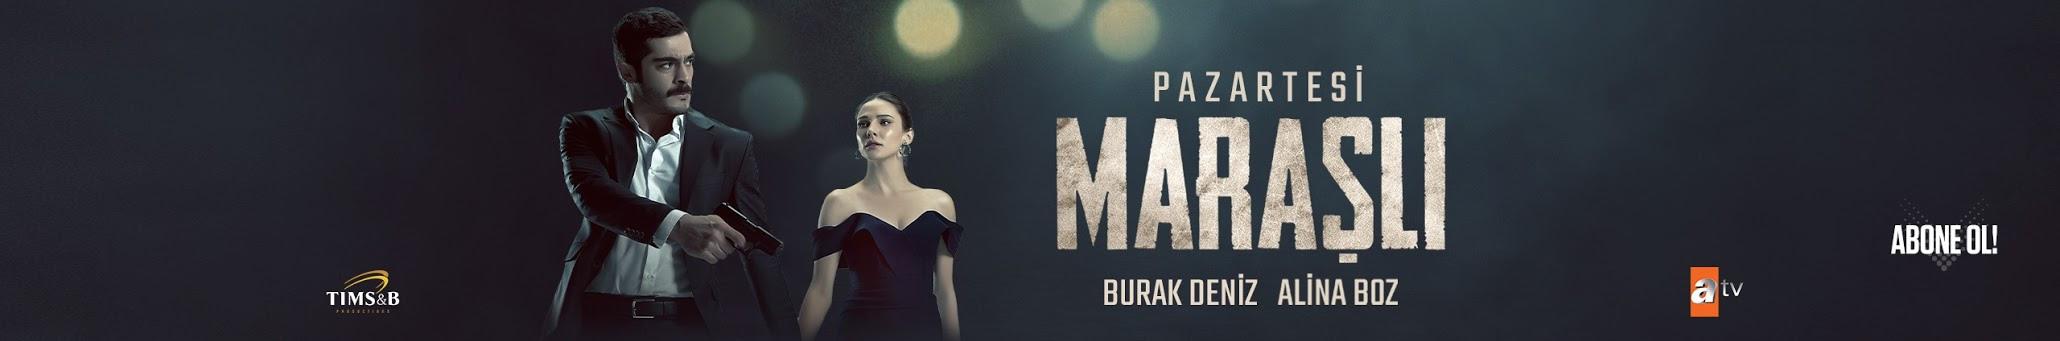 Marasli English subtitles